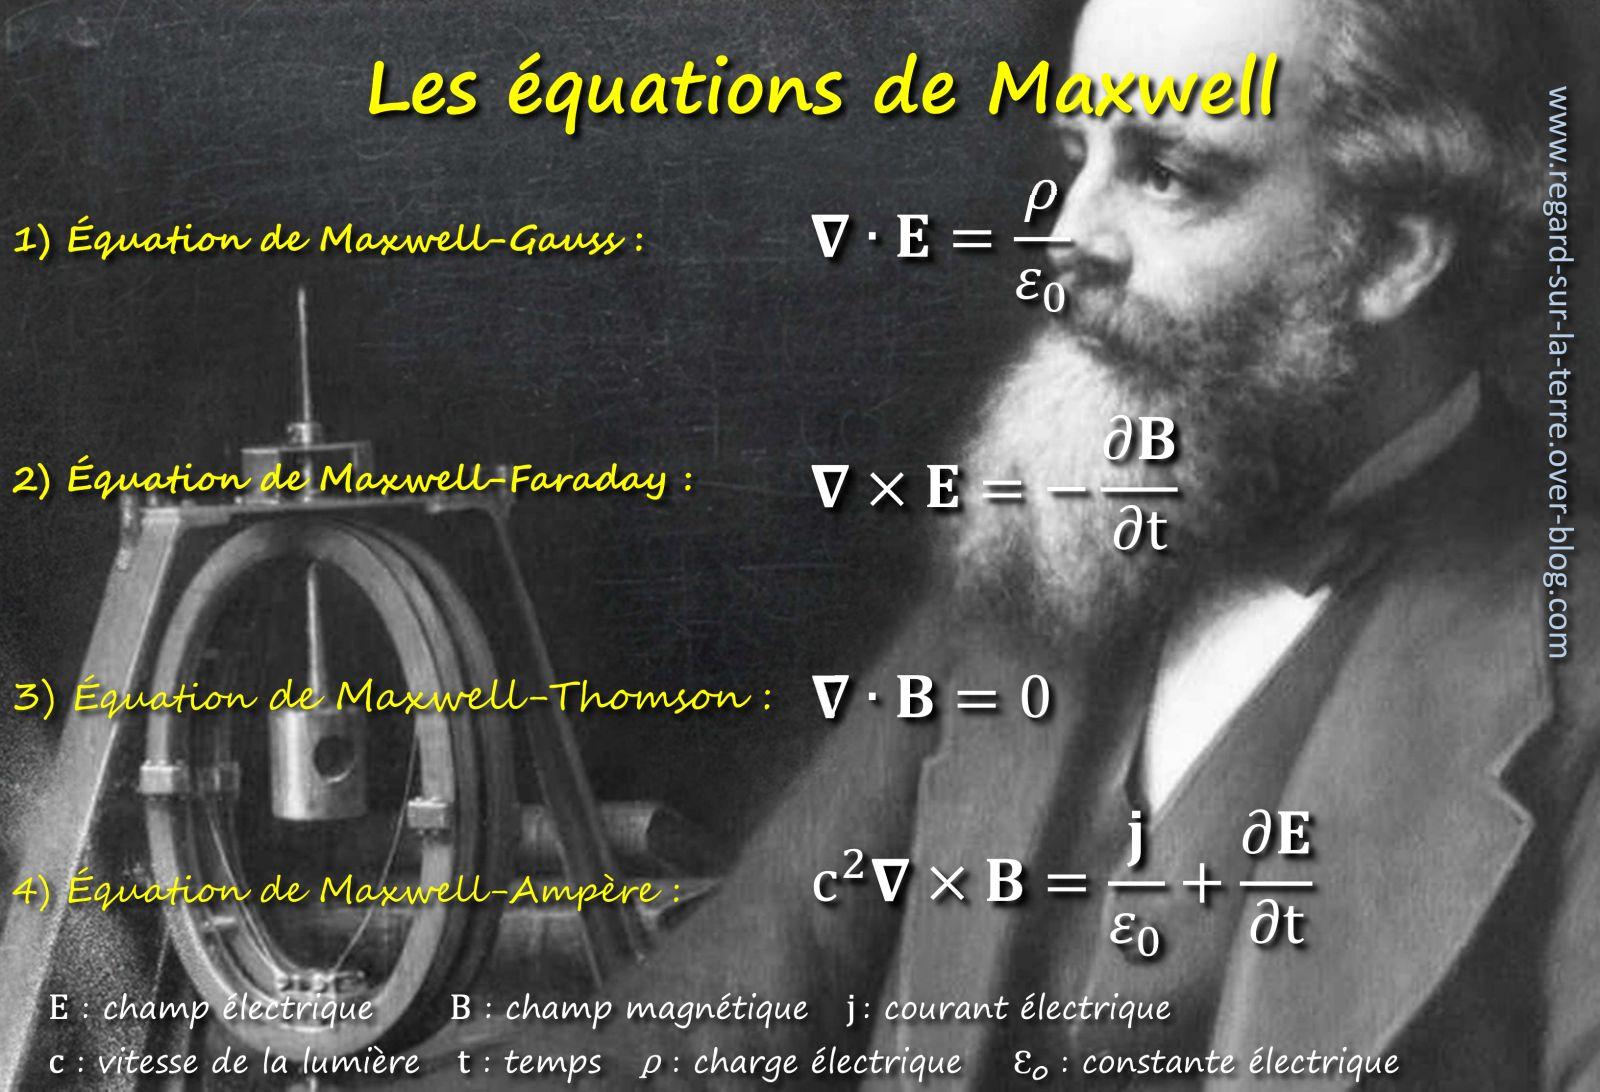 Maxwell - équations de Maxwell - électromagnétisme - électricité - ondes radio - Thomson - Faraday - Ampère - Gauss